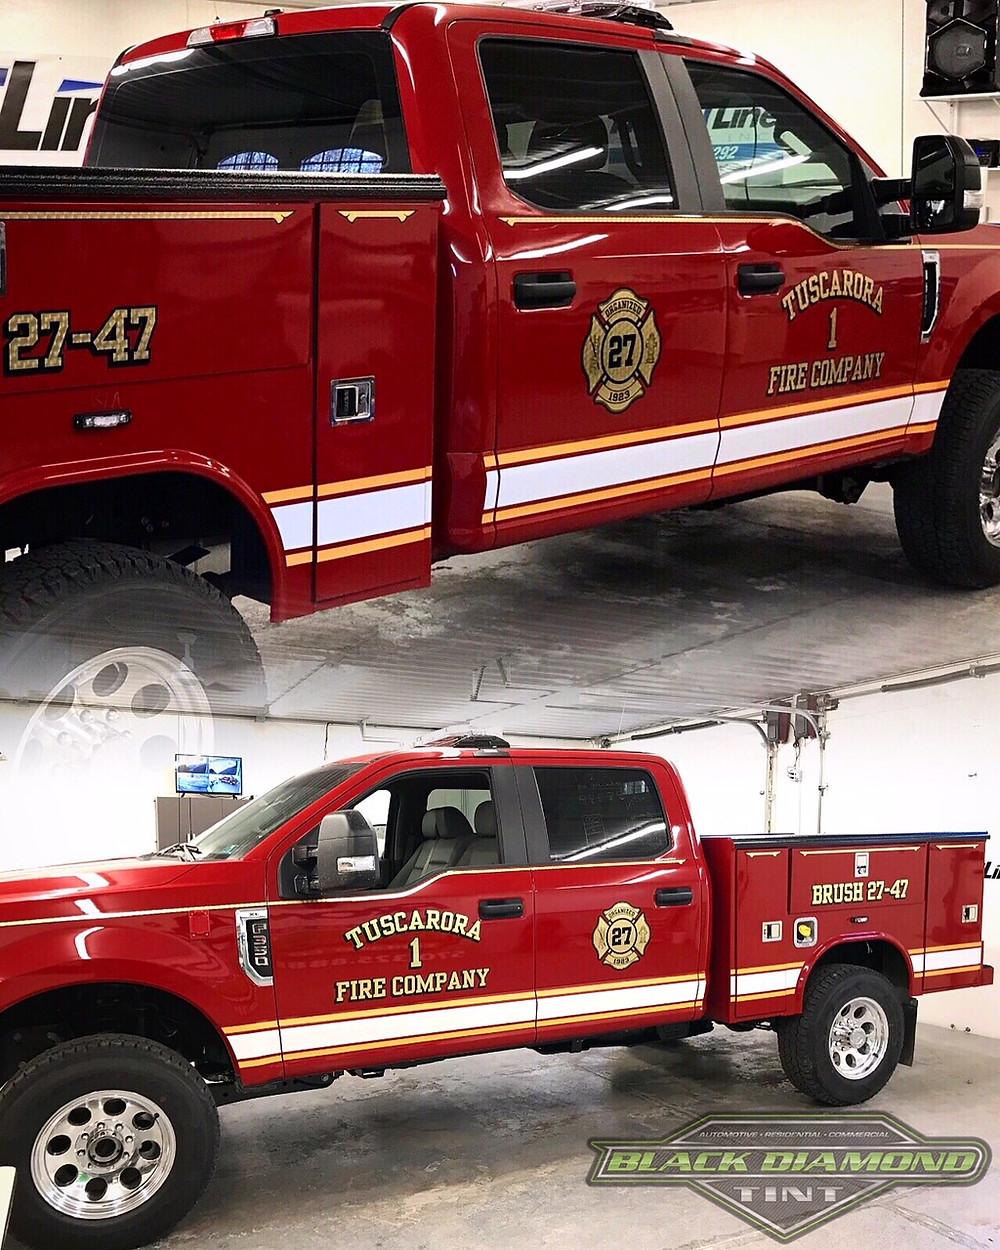 Tuscarora Fire Department Brush Truck